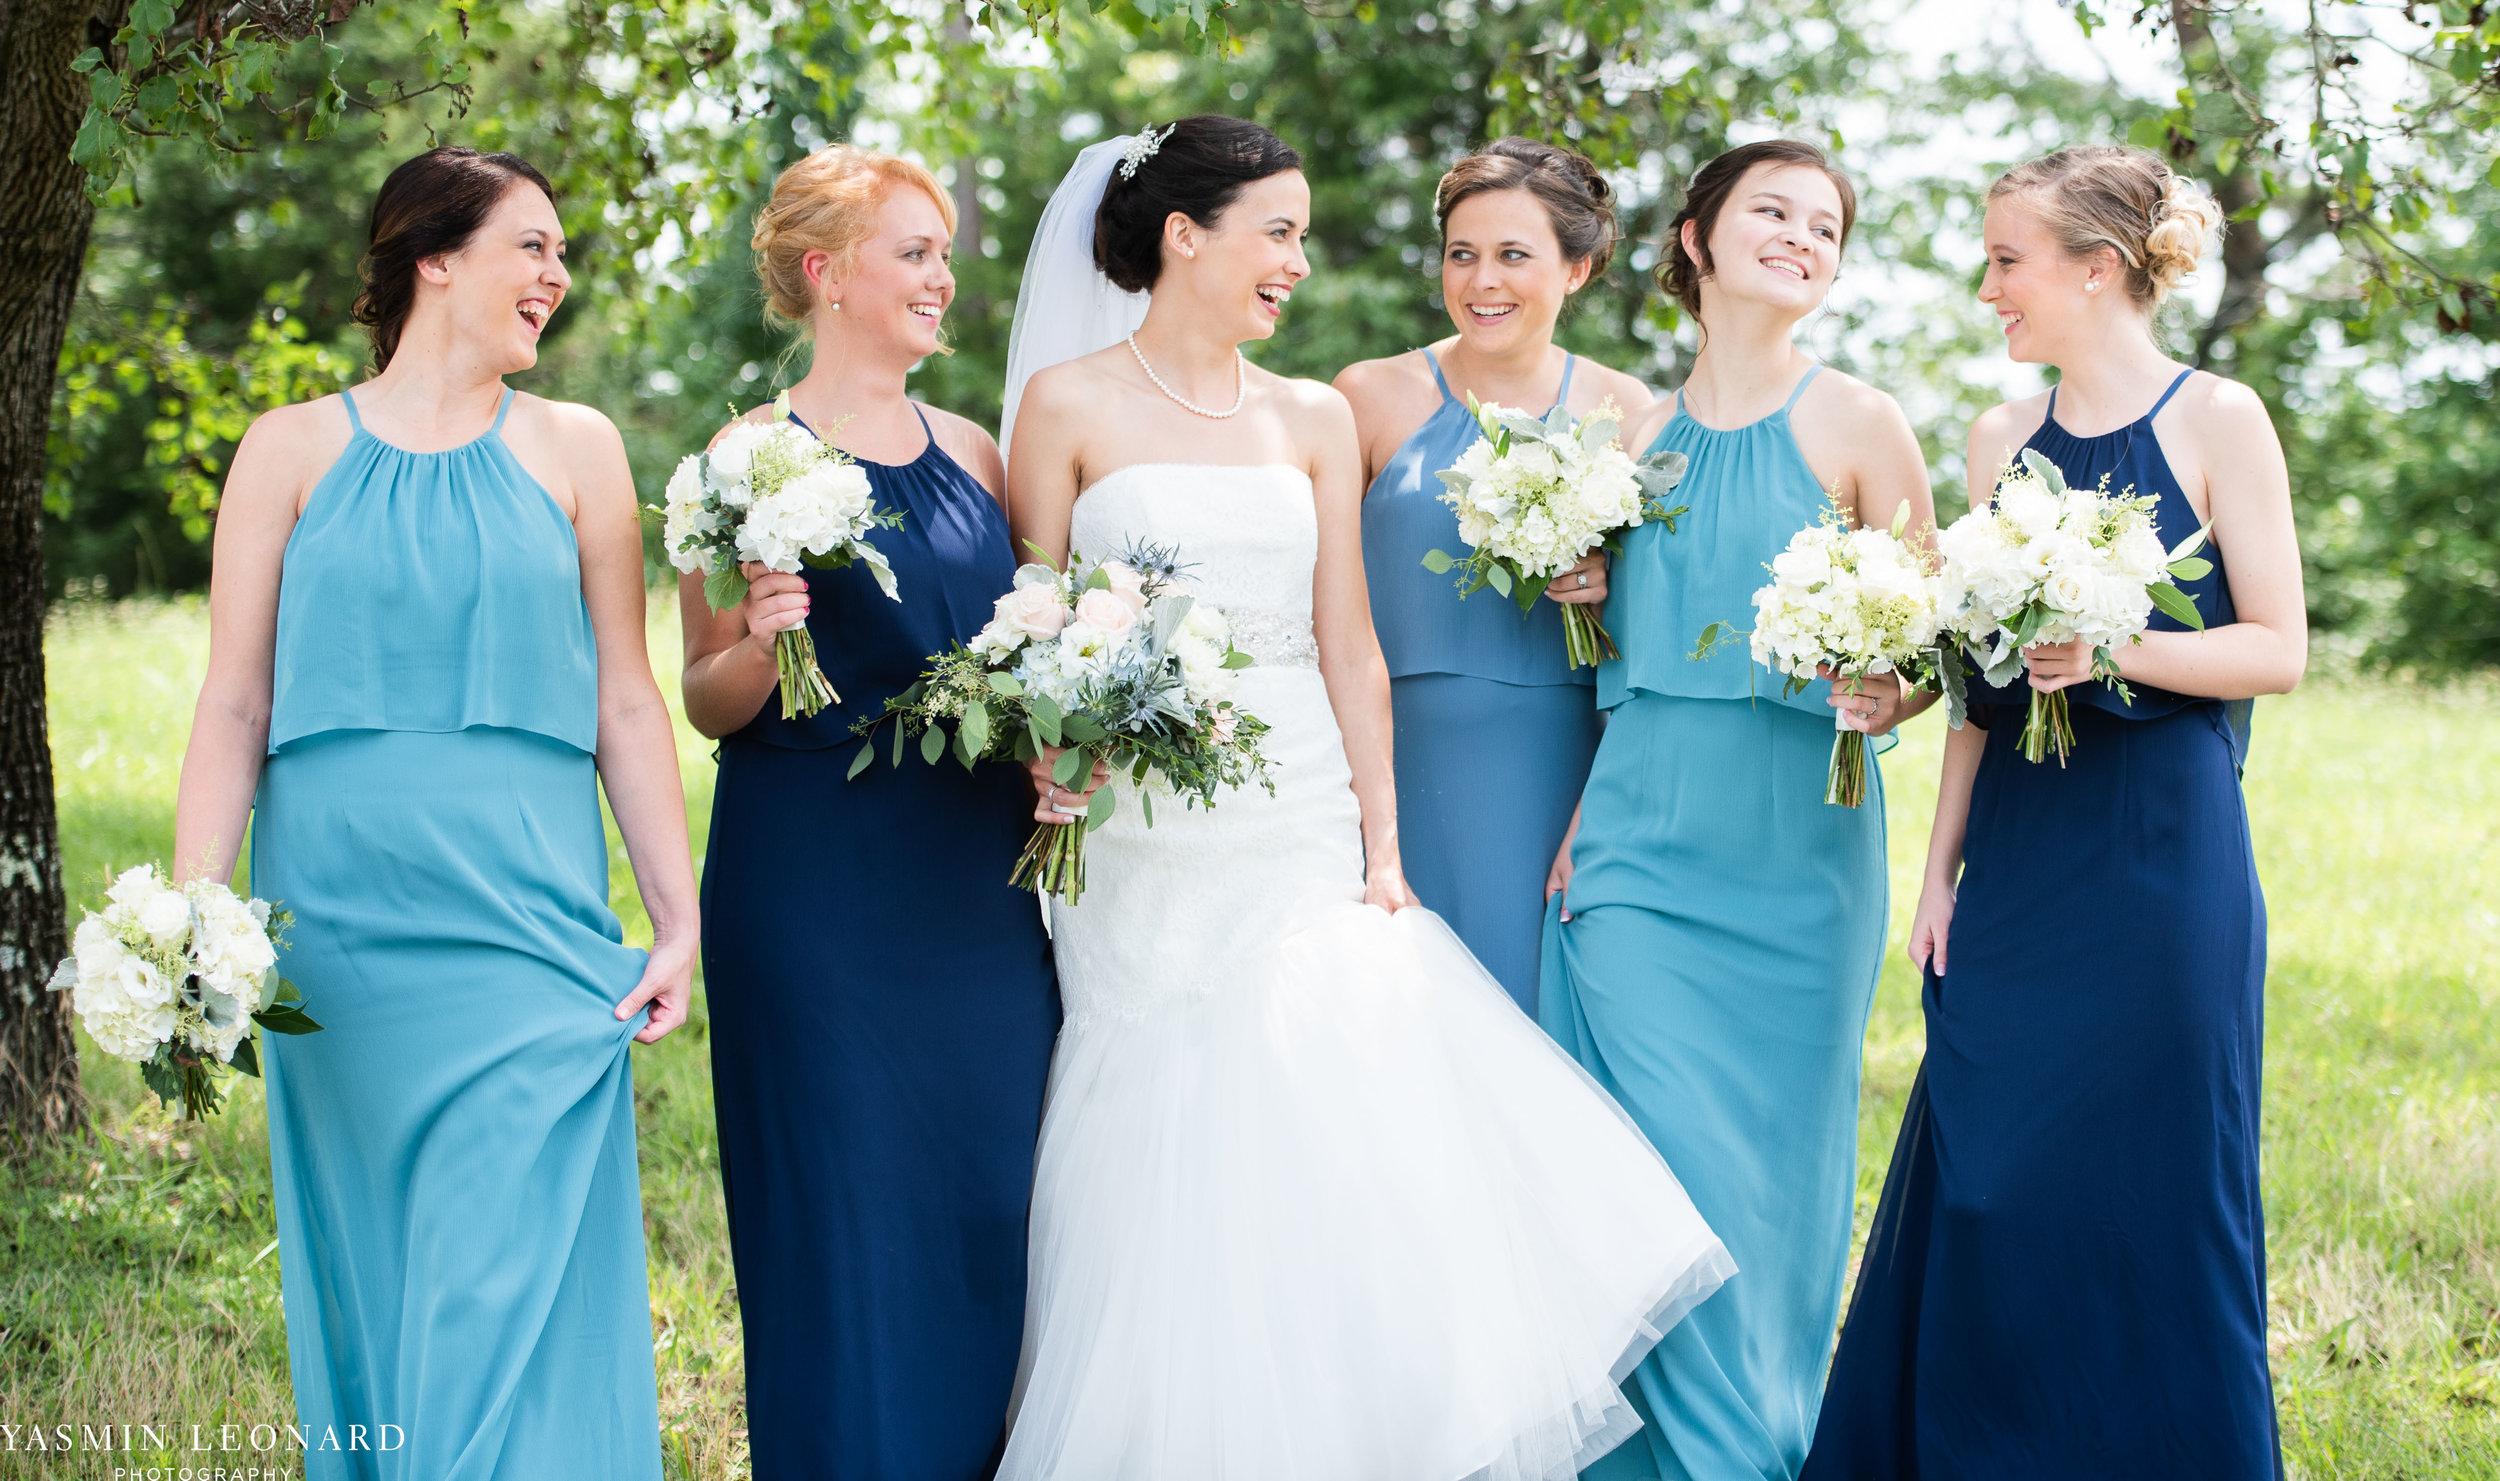 Mt. Pleasant Church - Church Wedding - Traditional Wedding - Church Ceremony - Country Wedding - Godly Wedding - NC Wedding Photographer - High Point Weddings - Triad Weddings - NC Venues-15.jpg